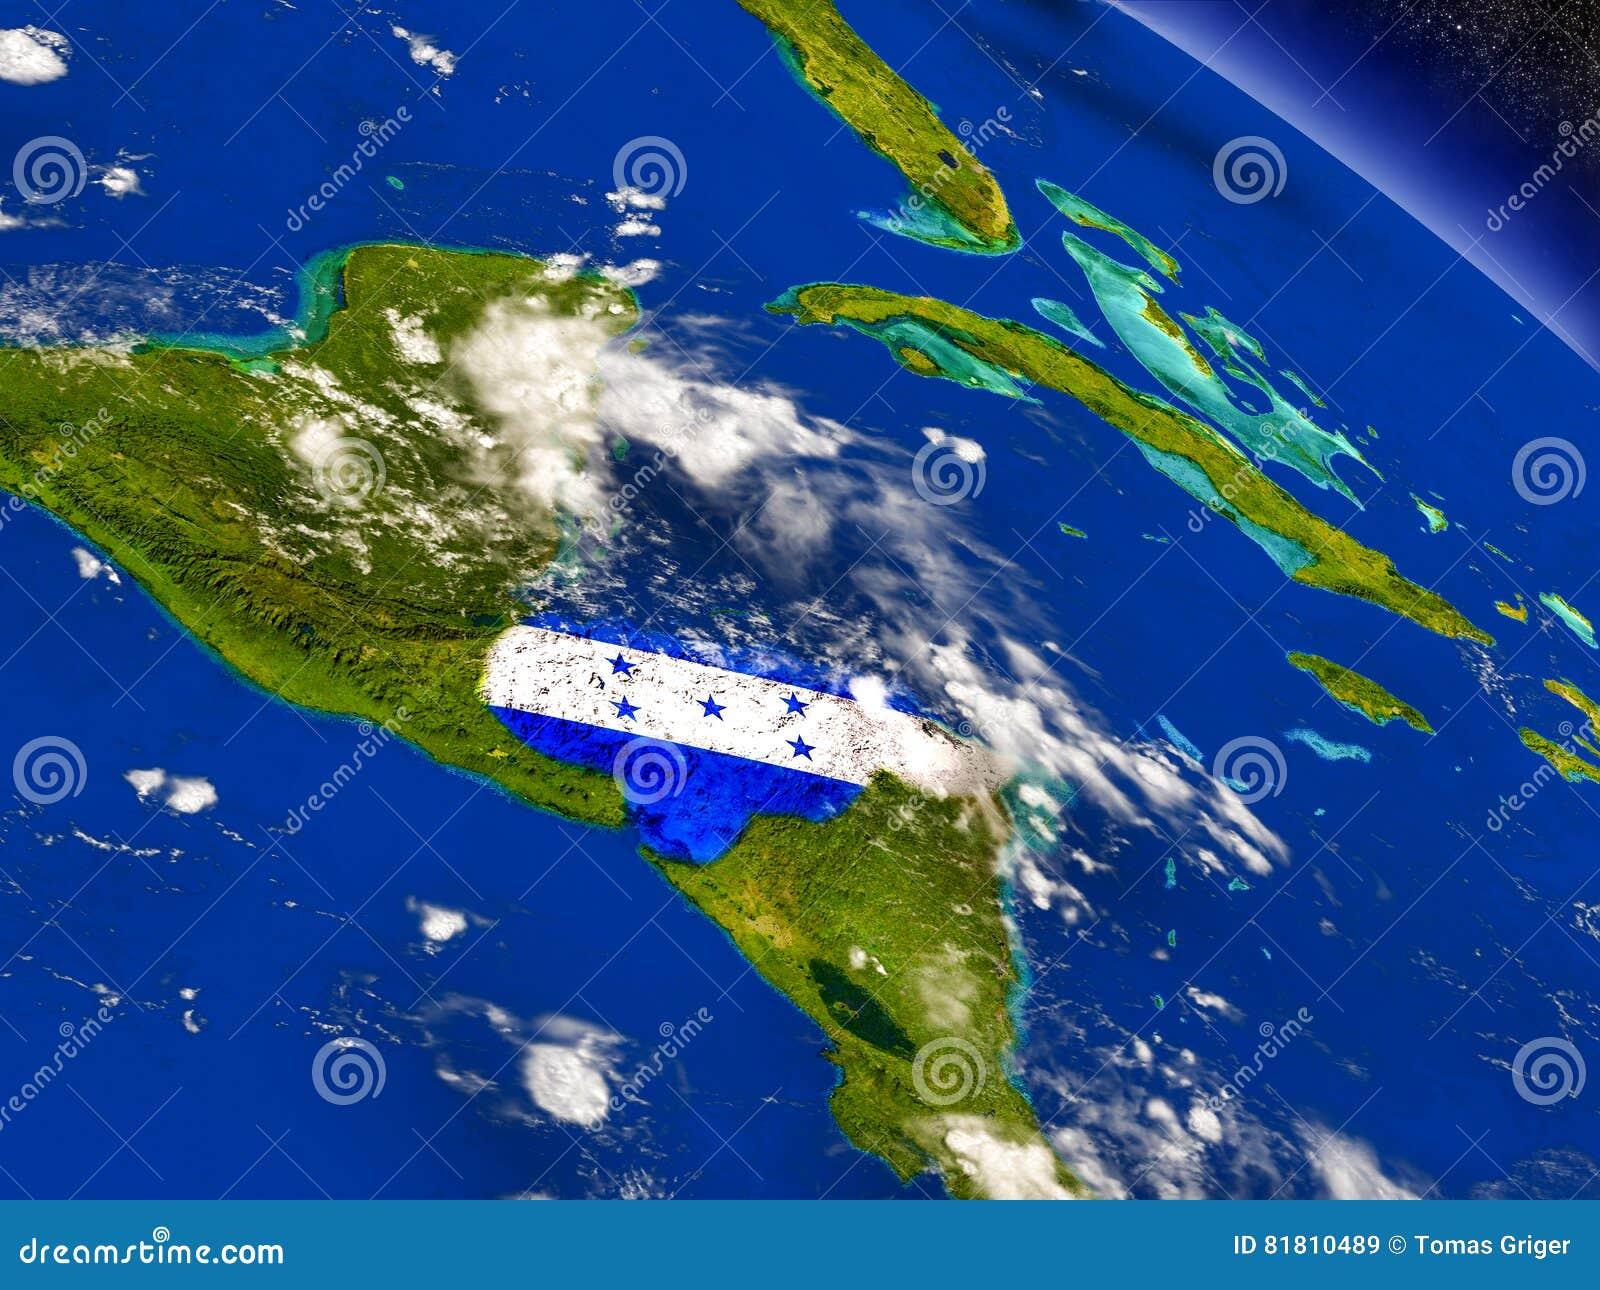 Гондурас с врезанным флагом на земле